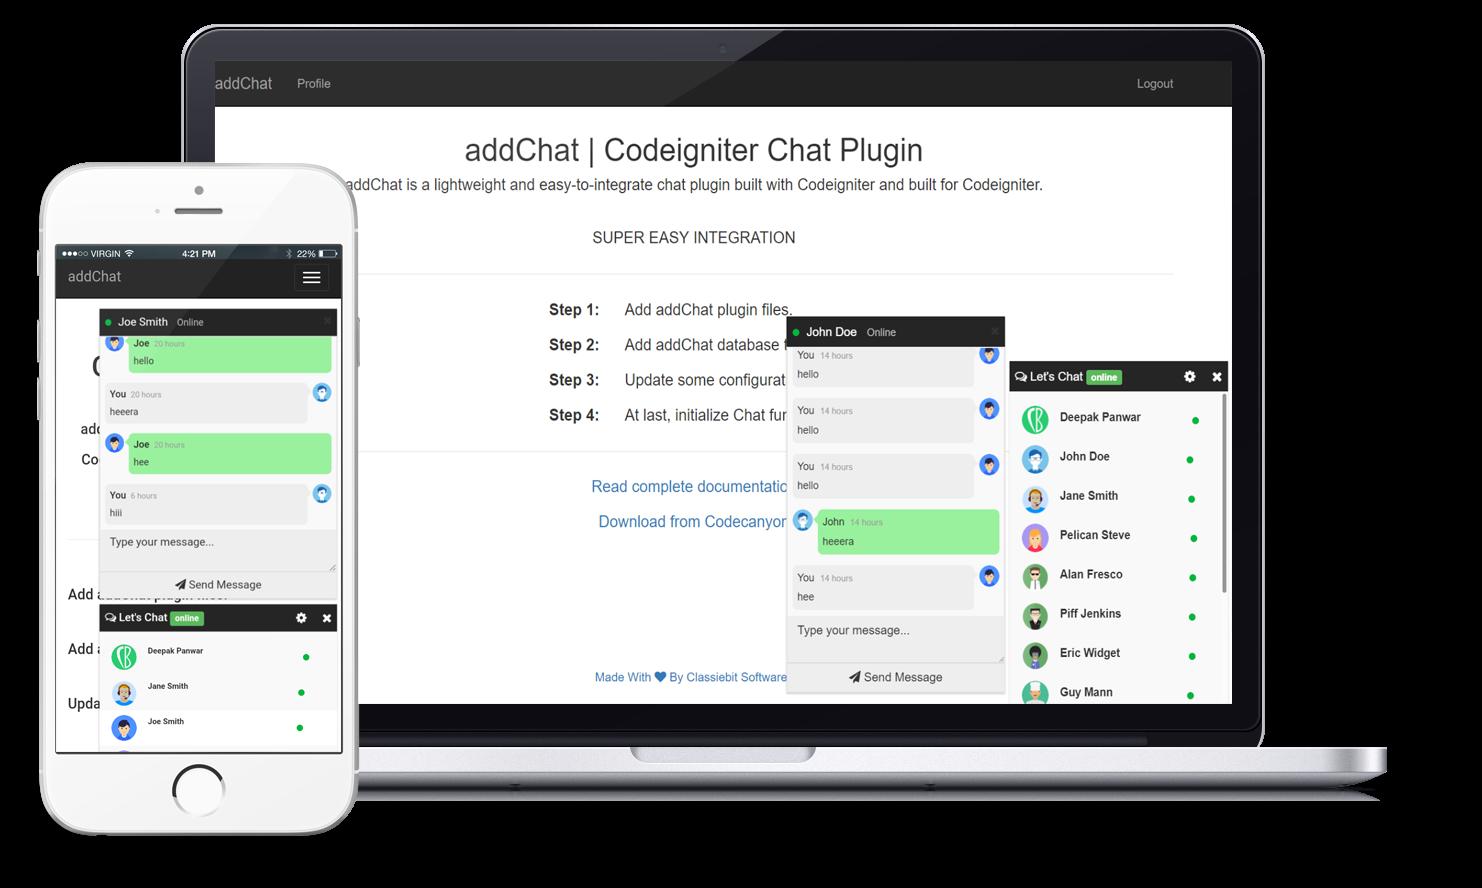 addChat - Codeigniter Chat Plugin